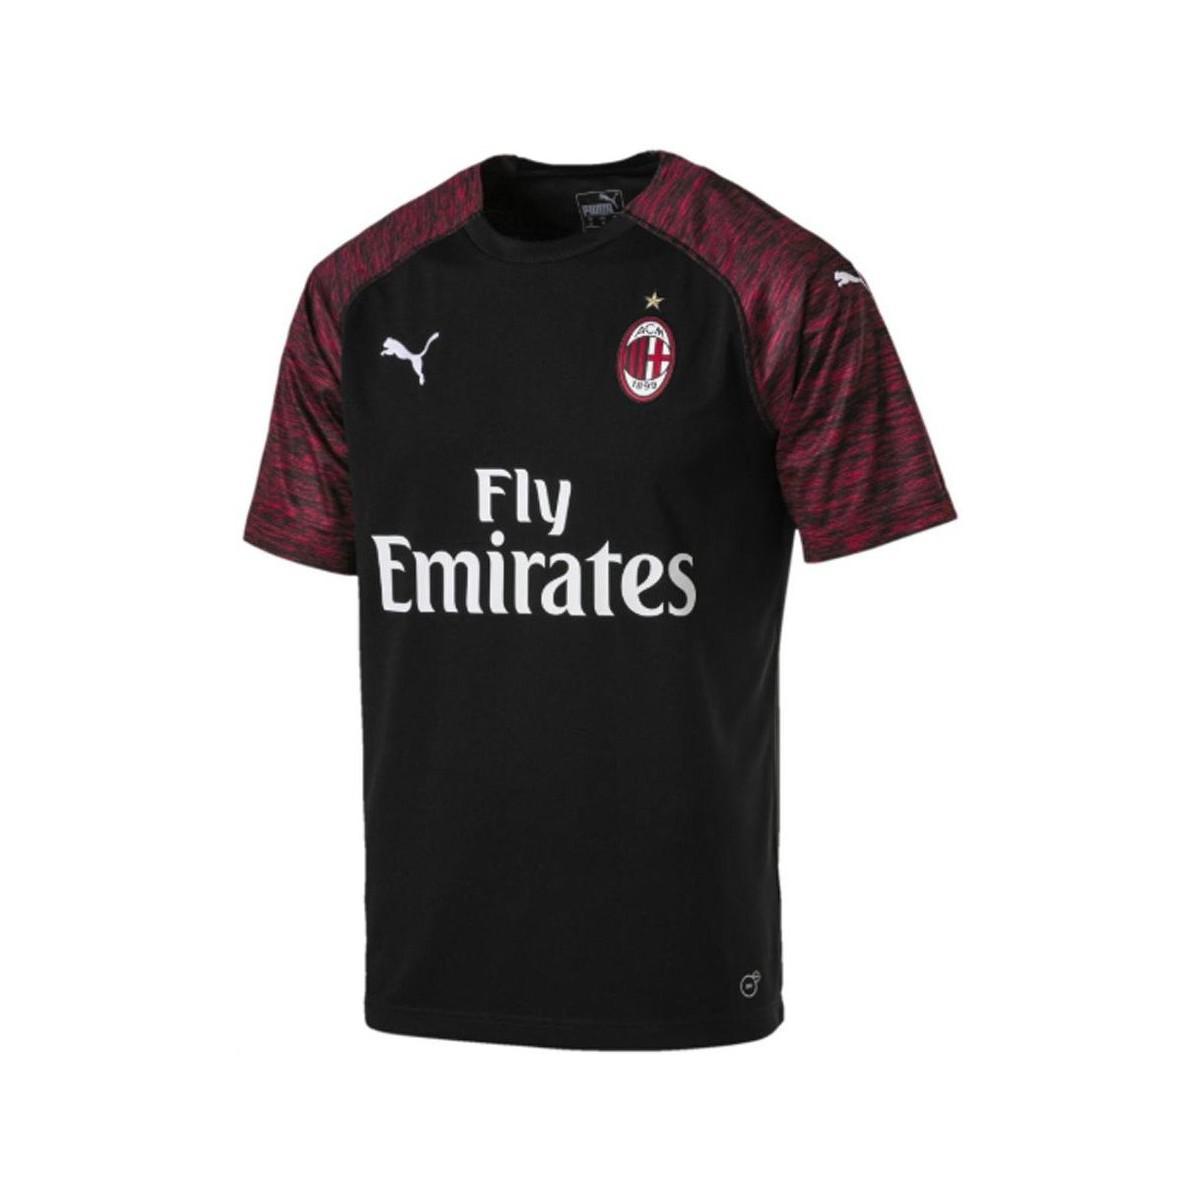 PUMA 2018-2019 Ac Milan Third Football Shirt Men s T Shirt In Black ... 2ae203768